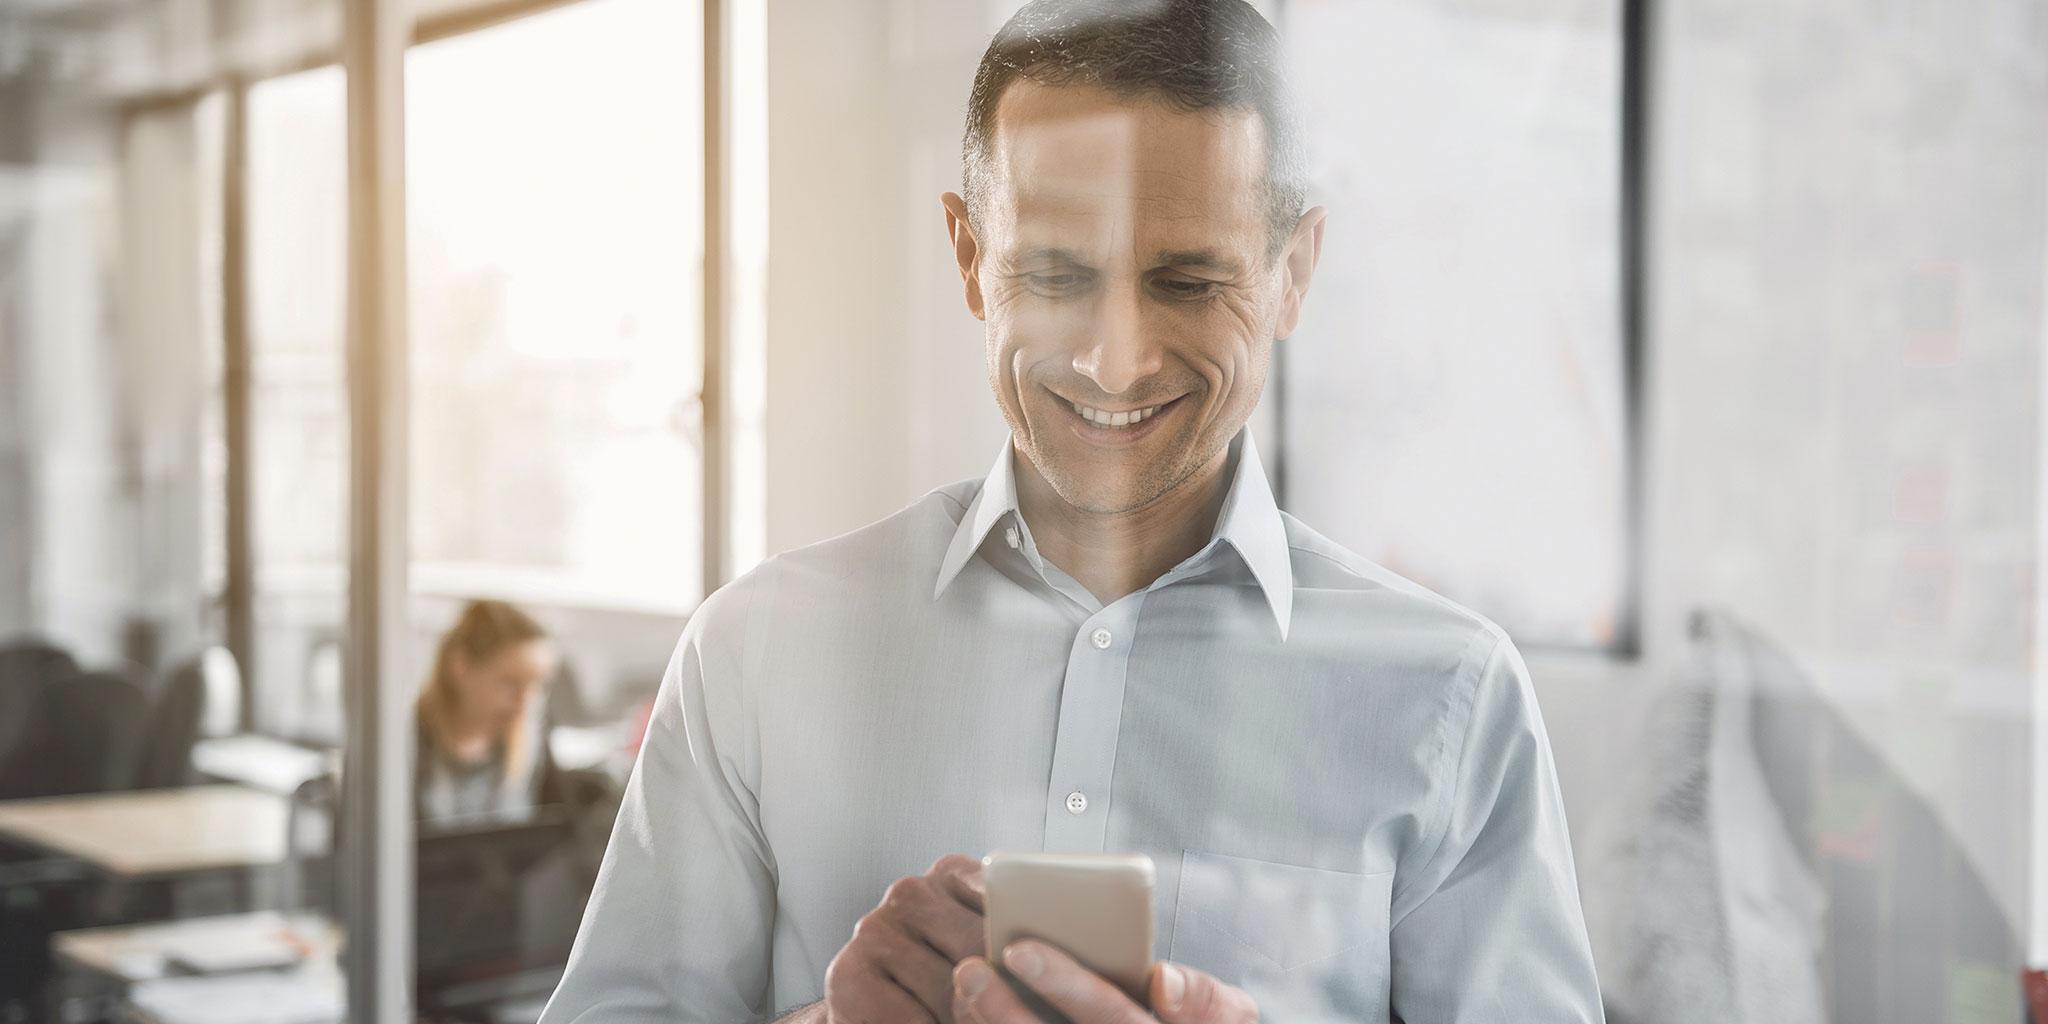 Un homme tape sur son smartphone en riant